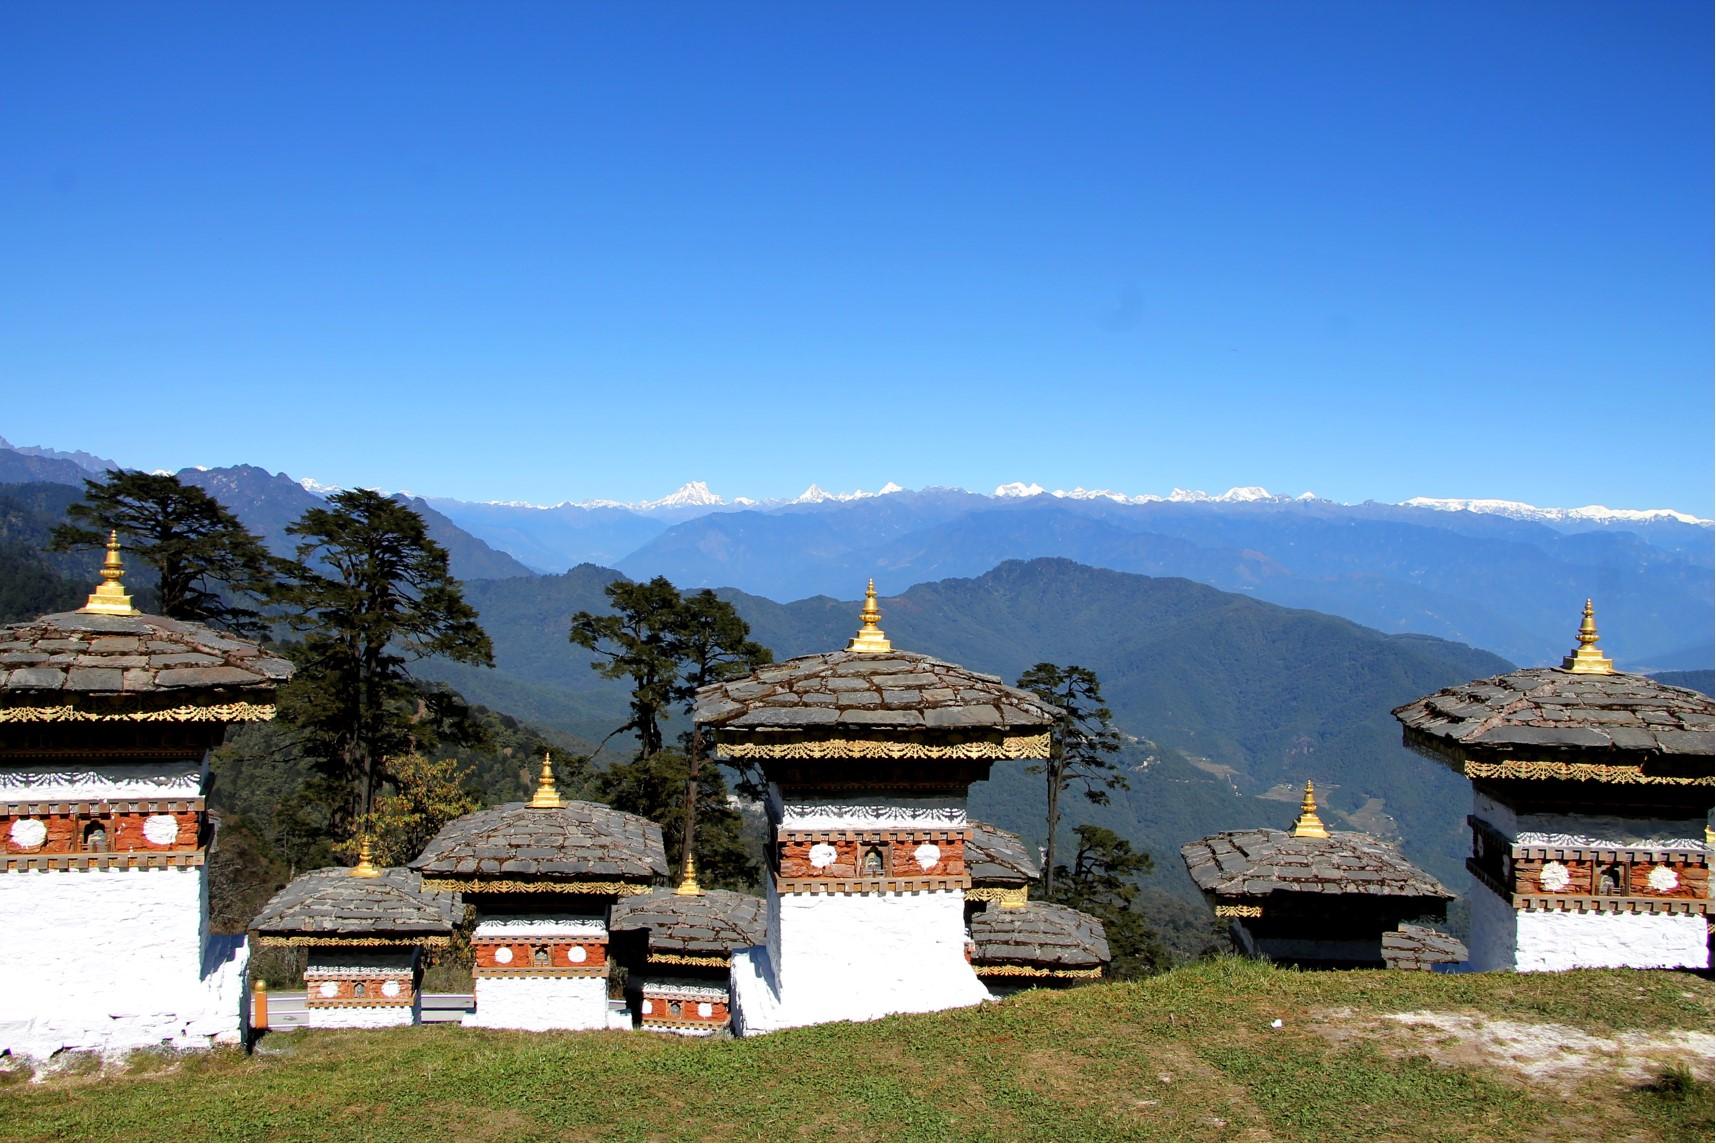 Reiseblogger verraten ihre Tipps für Bhutan - Emma's Fotos aus Bhutan